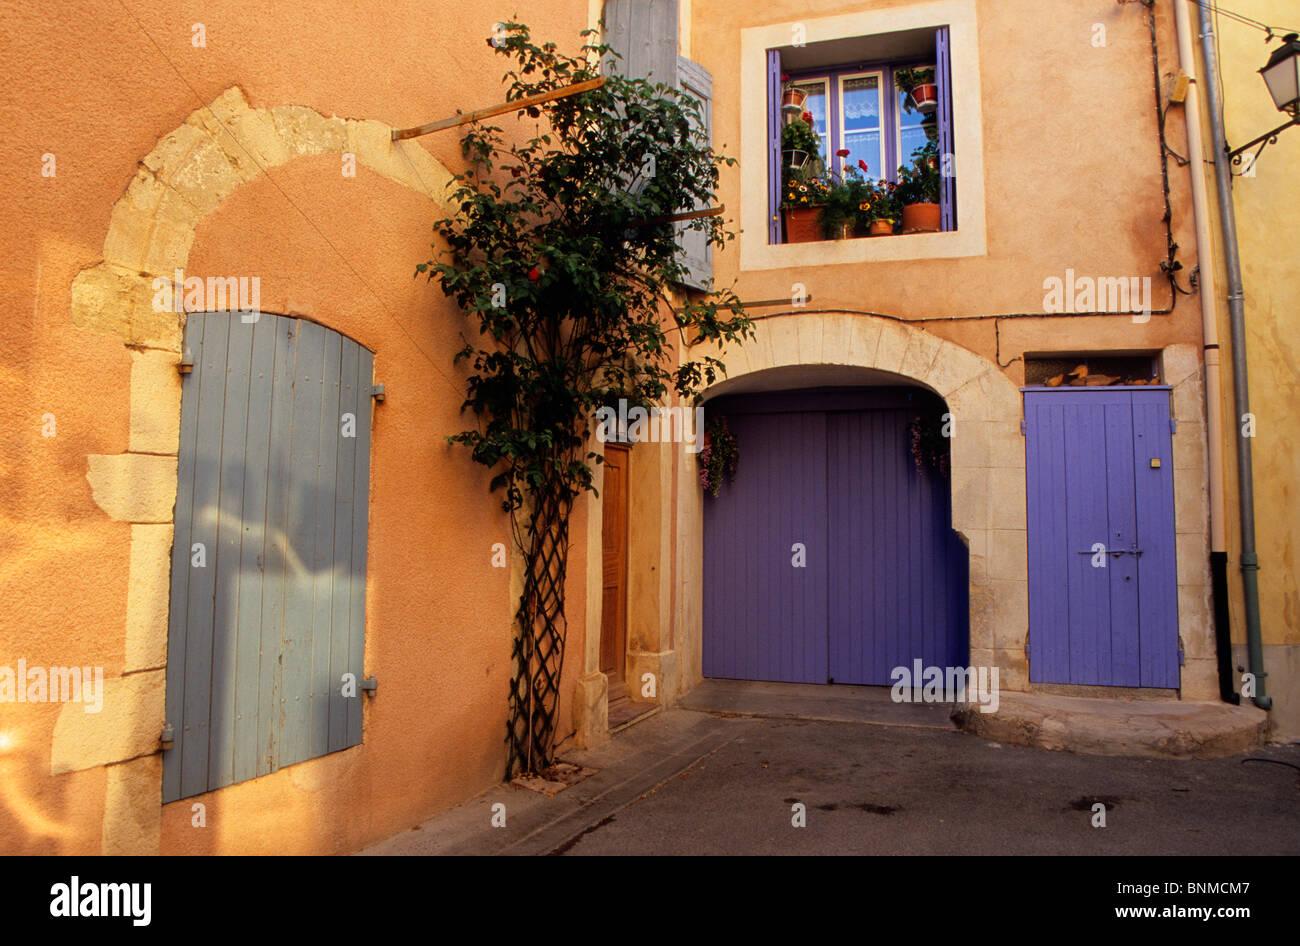 Couleurs Facades En Provence cucuron france provence vaucluse maisons de village homes